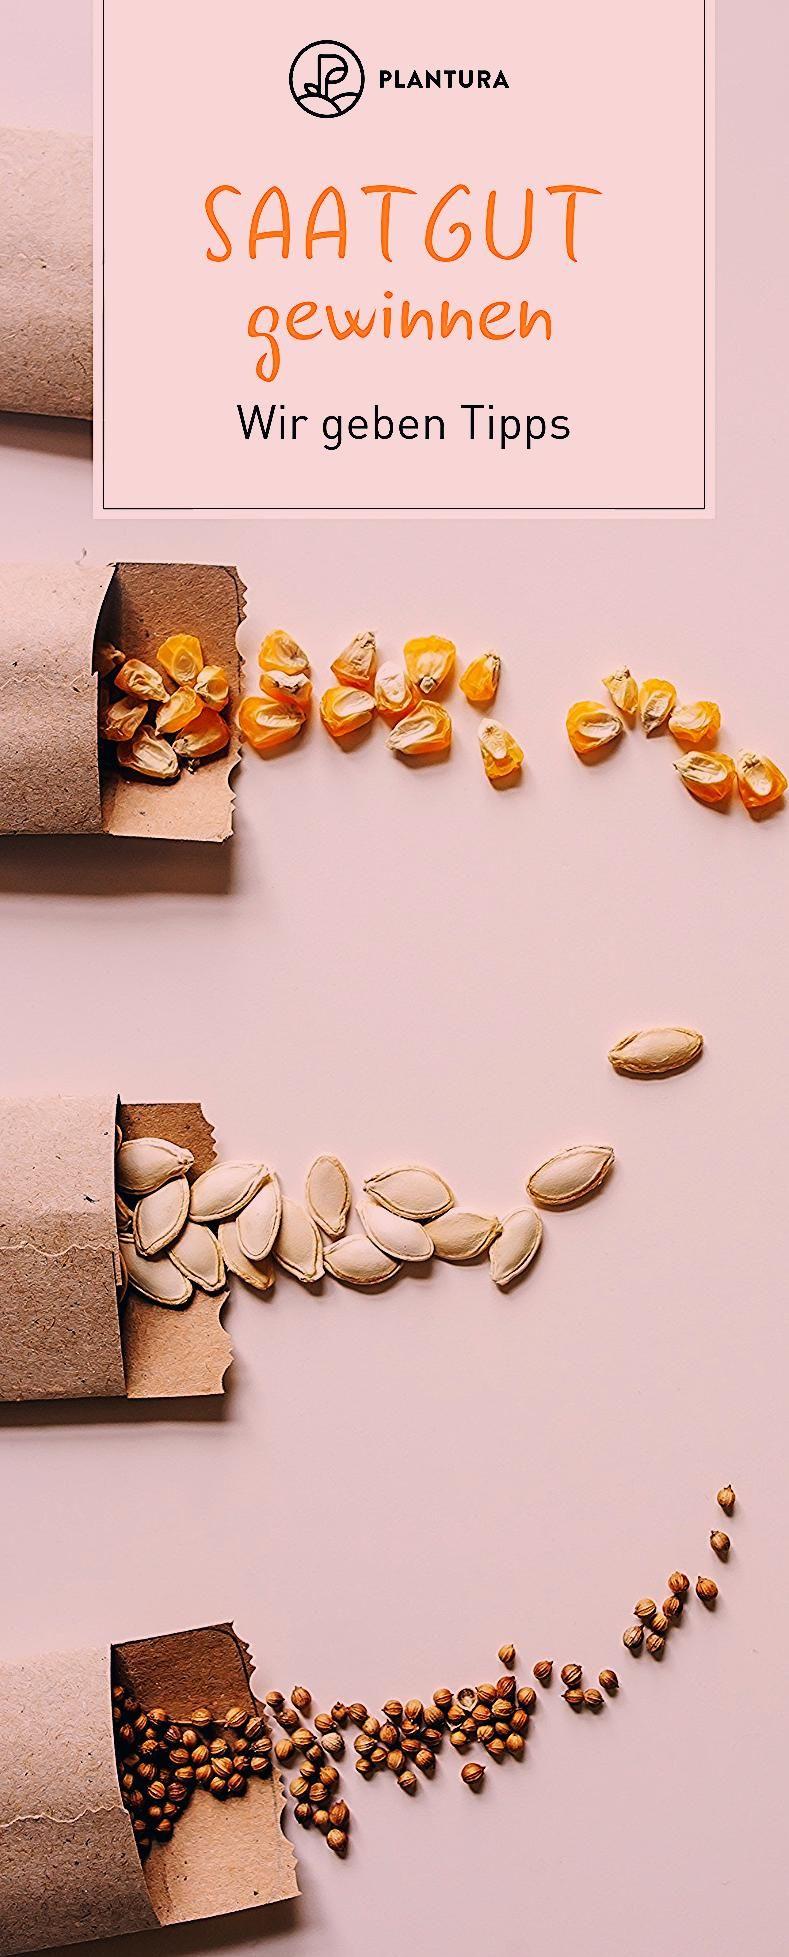 Photo of Saatgut für das nächste Jahr gewinnen – Plantura